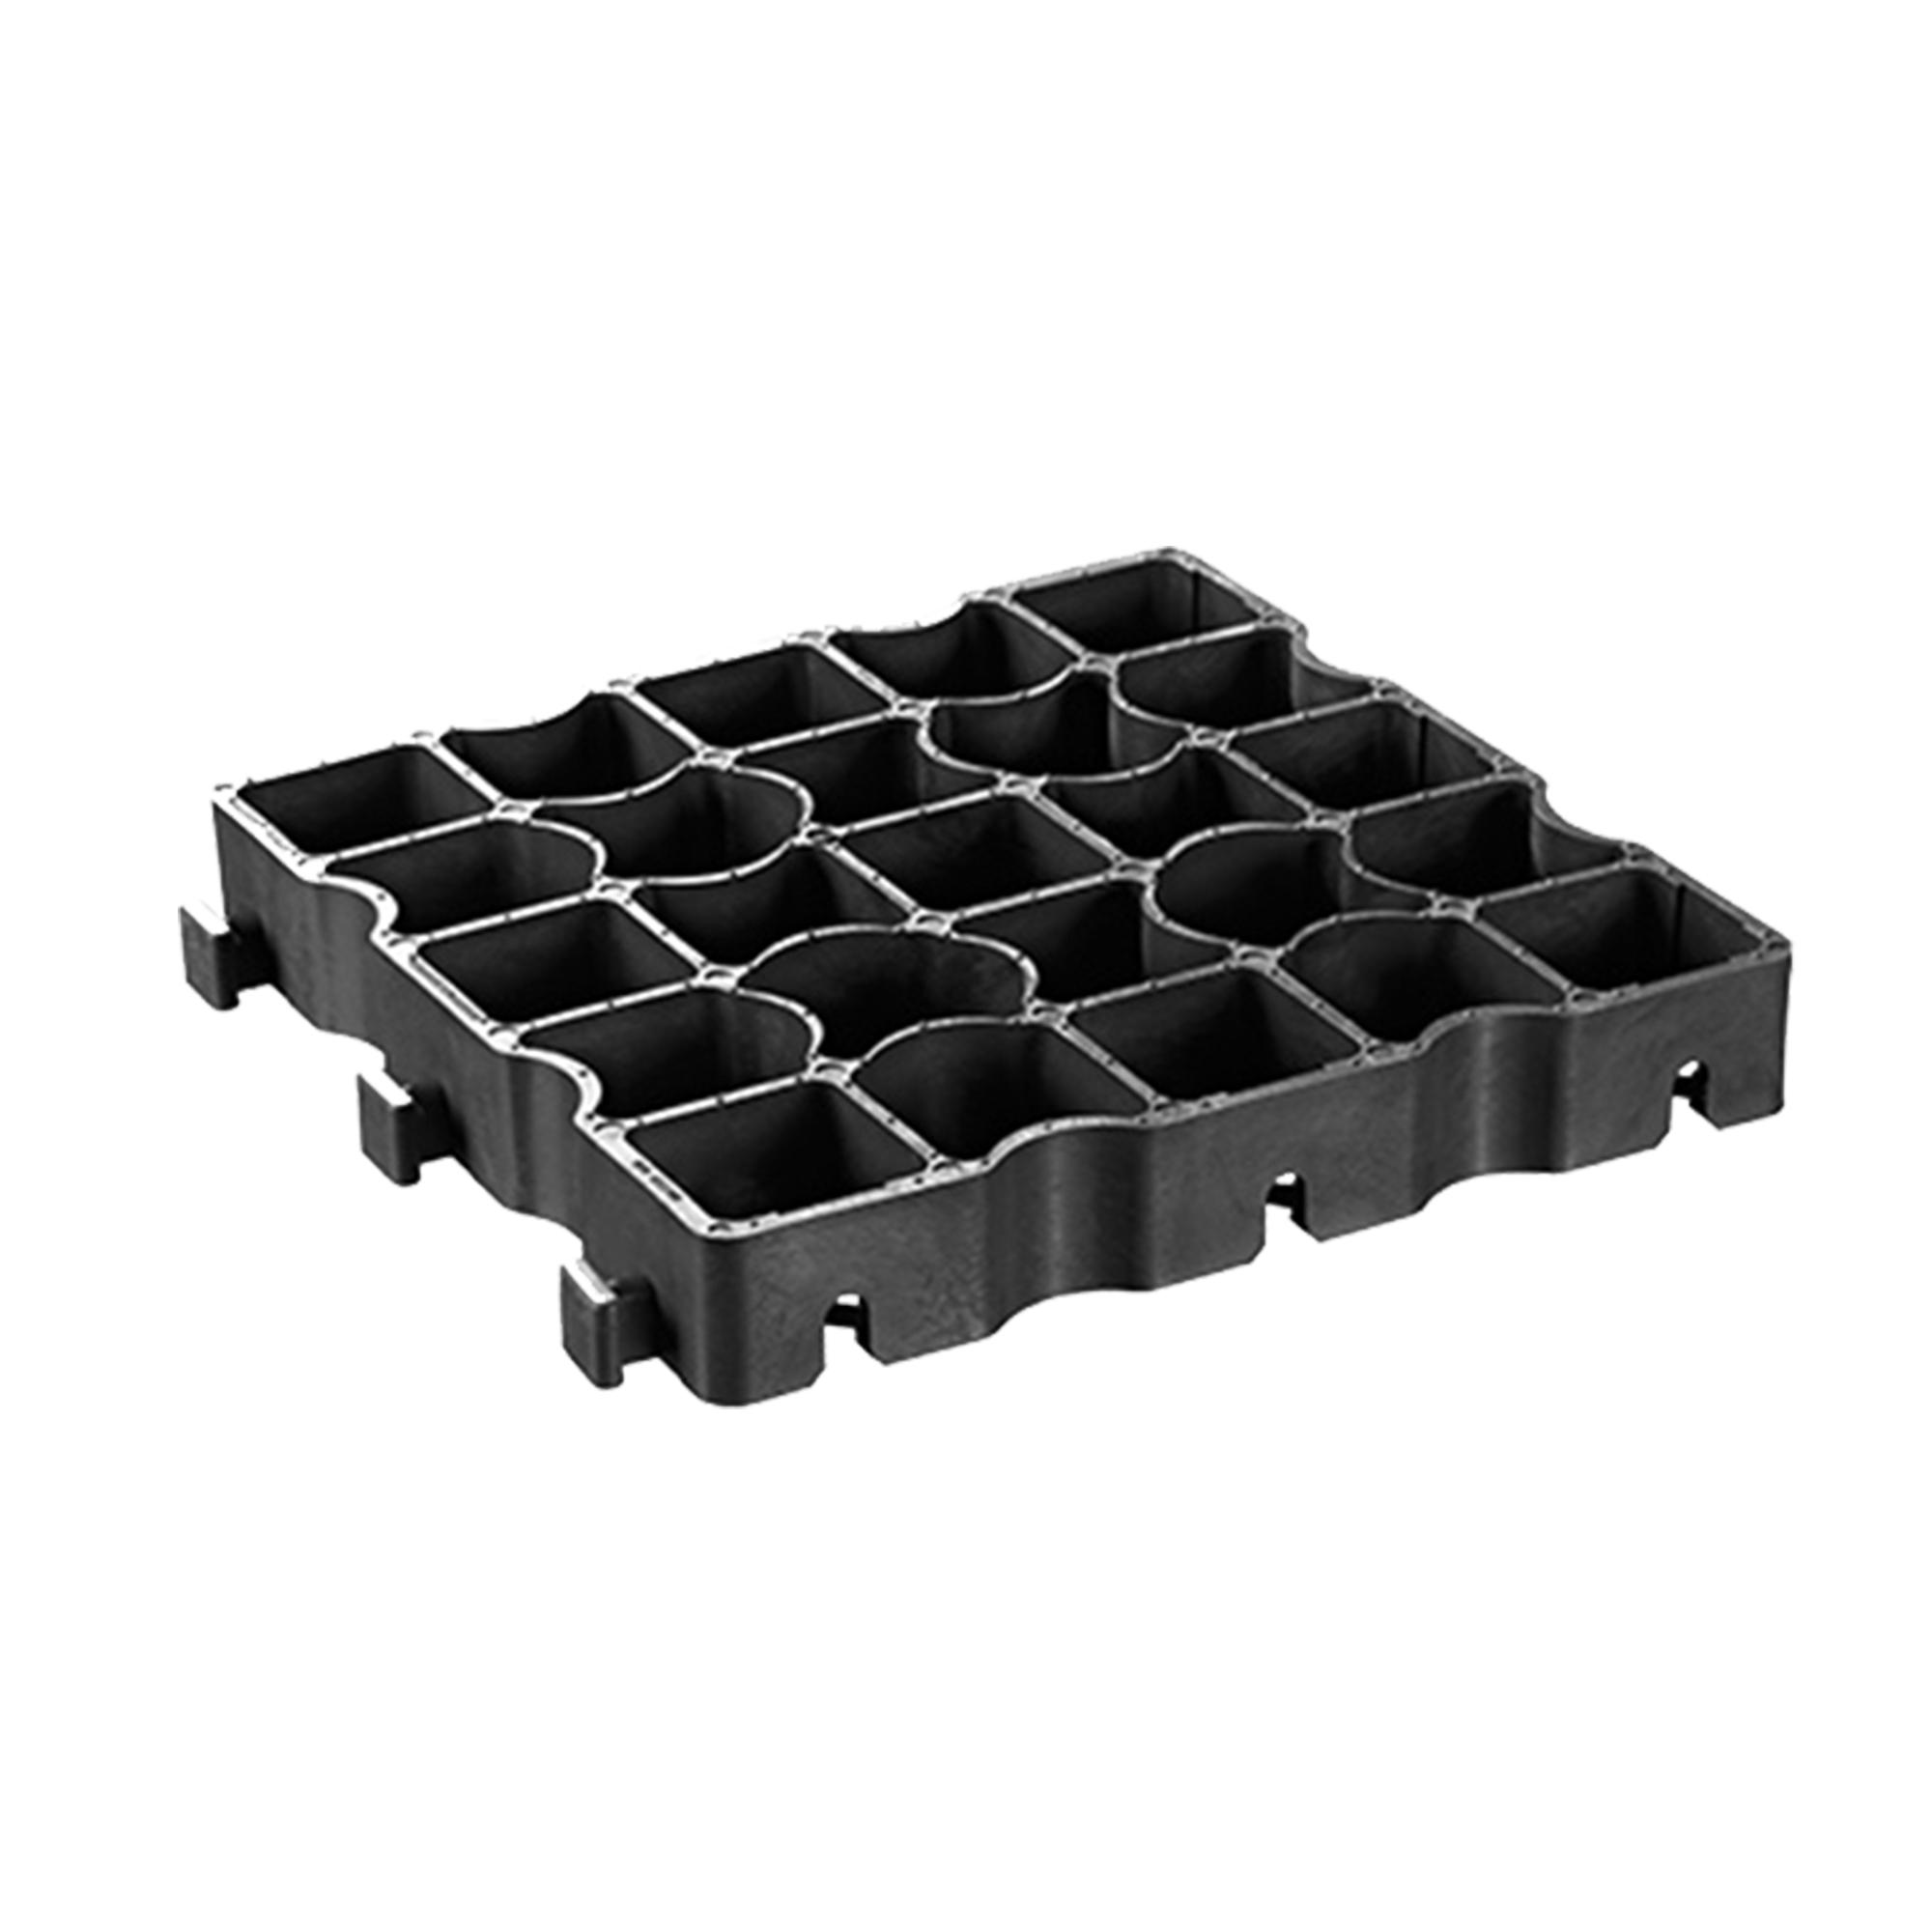 Tvárnice zatravňovací ECORASTER E 50 plastová černá 330×330×50 mm